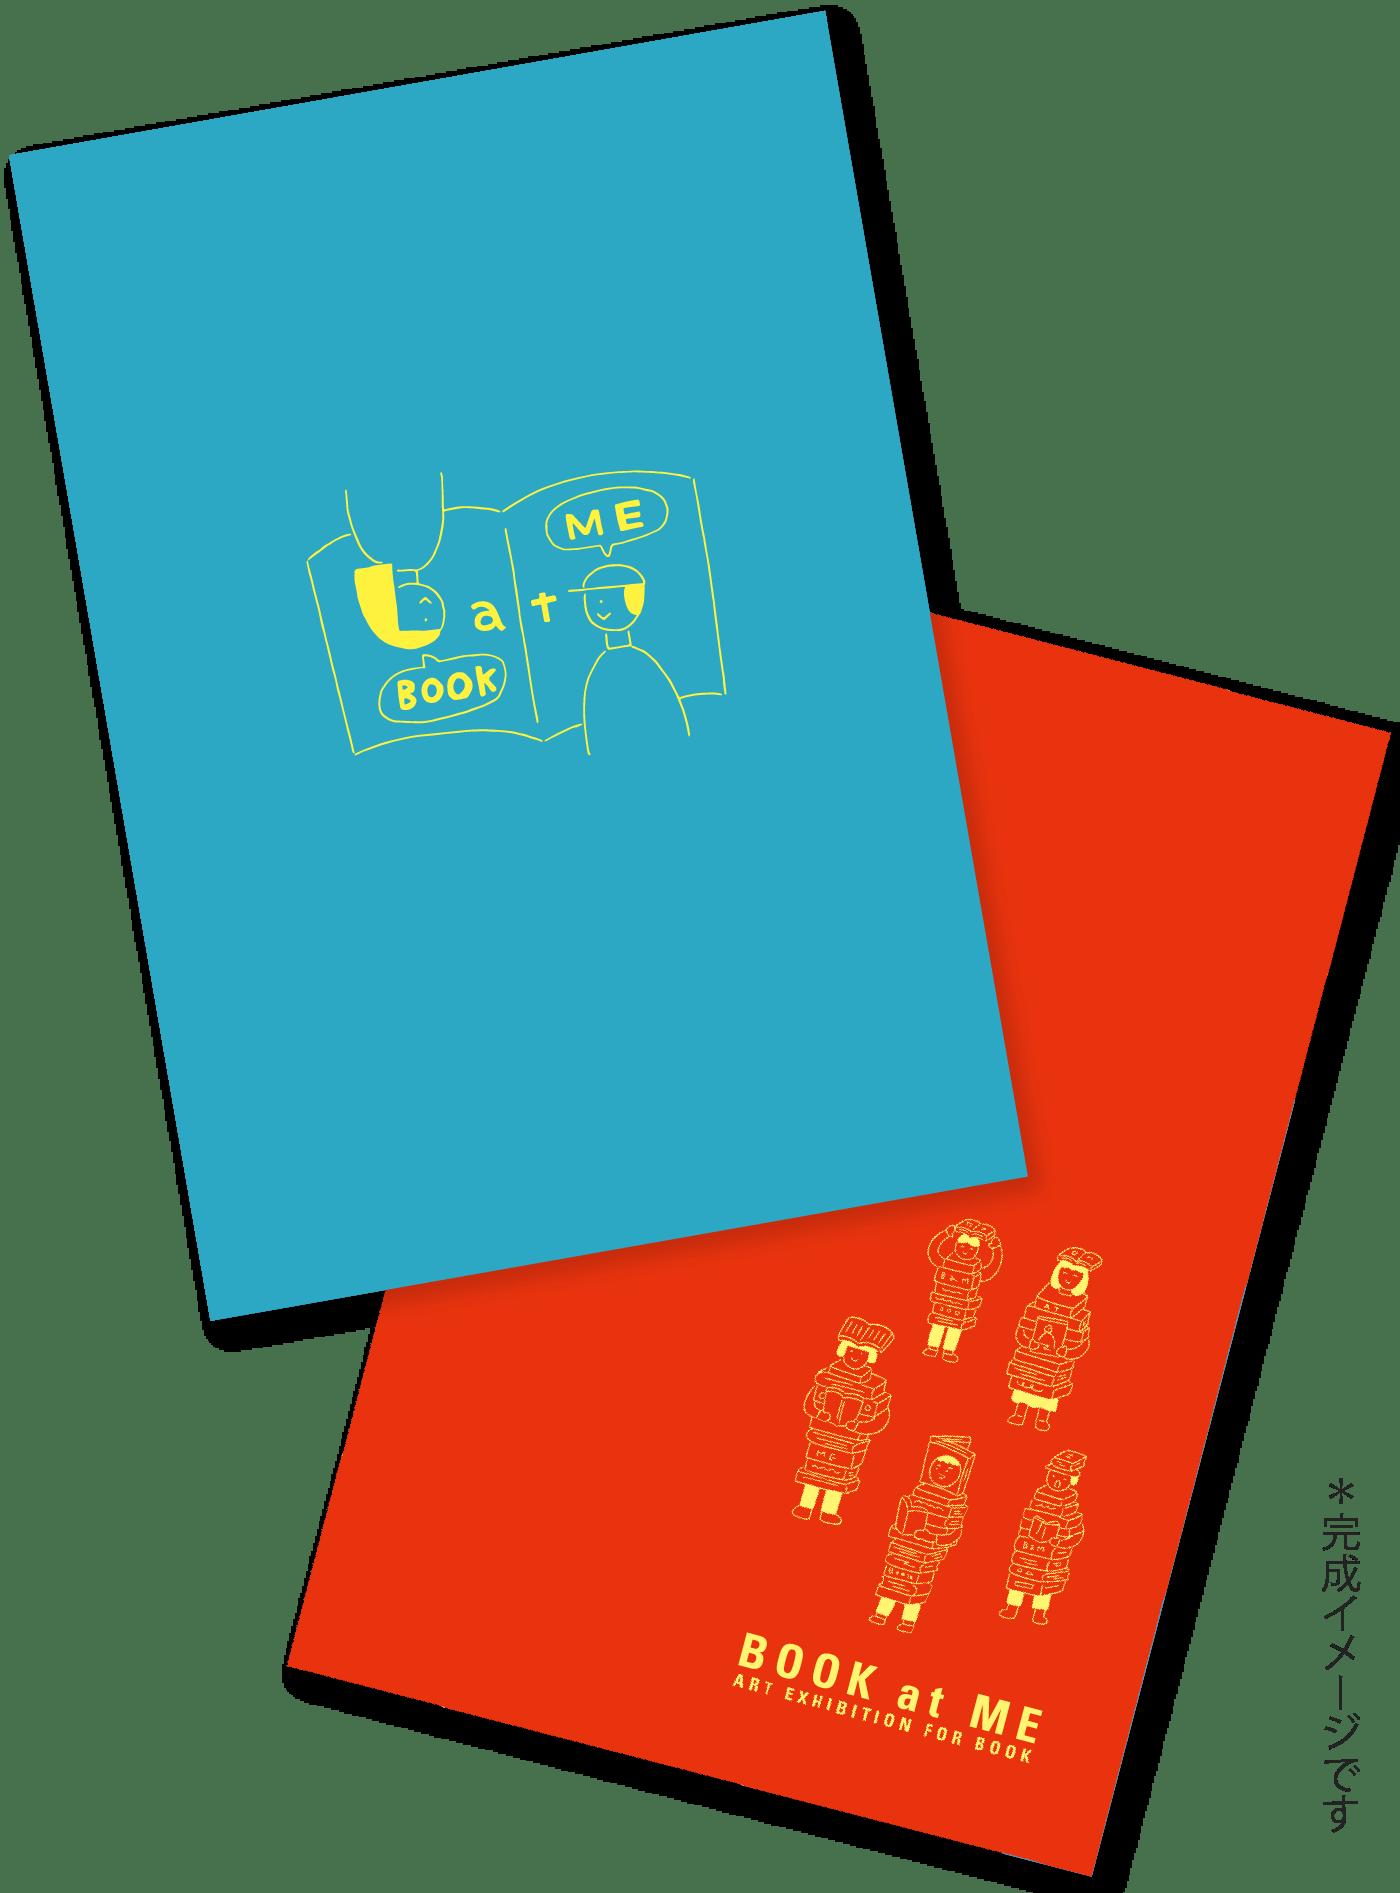 BaM オリジナルブック(ノート)を作ろう!予約受付開始。